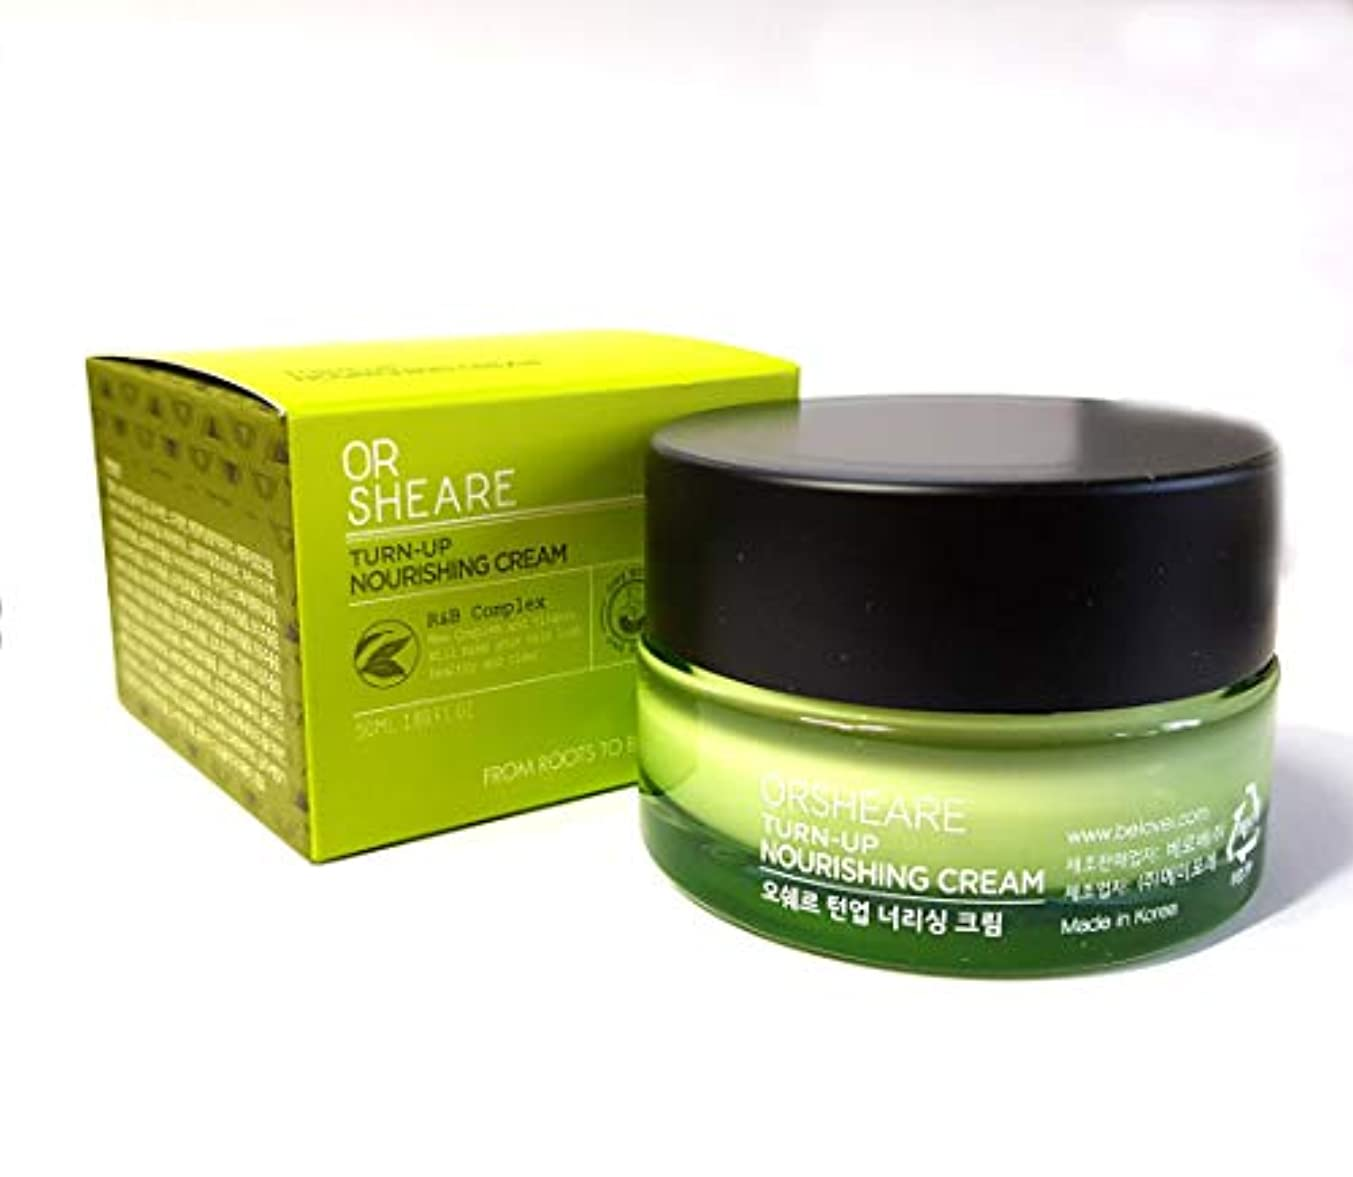 結果としてテレックス結果として[OR SHEARE] トンオプ栄養クリーム50ml / Turn-up Nourishing Cream 50ml / 保湿、再生/Moisturizing,Revitalizing/韓国化粧品/Korean Cosmetics...